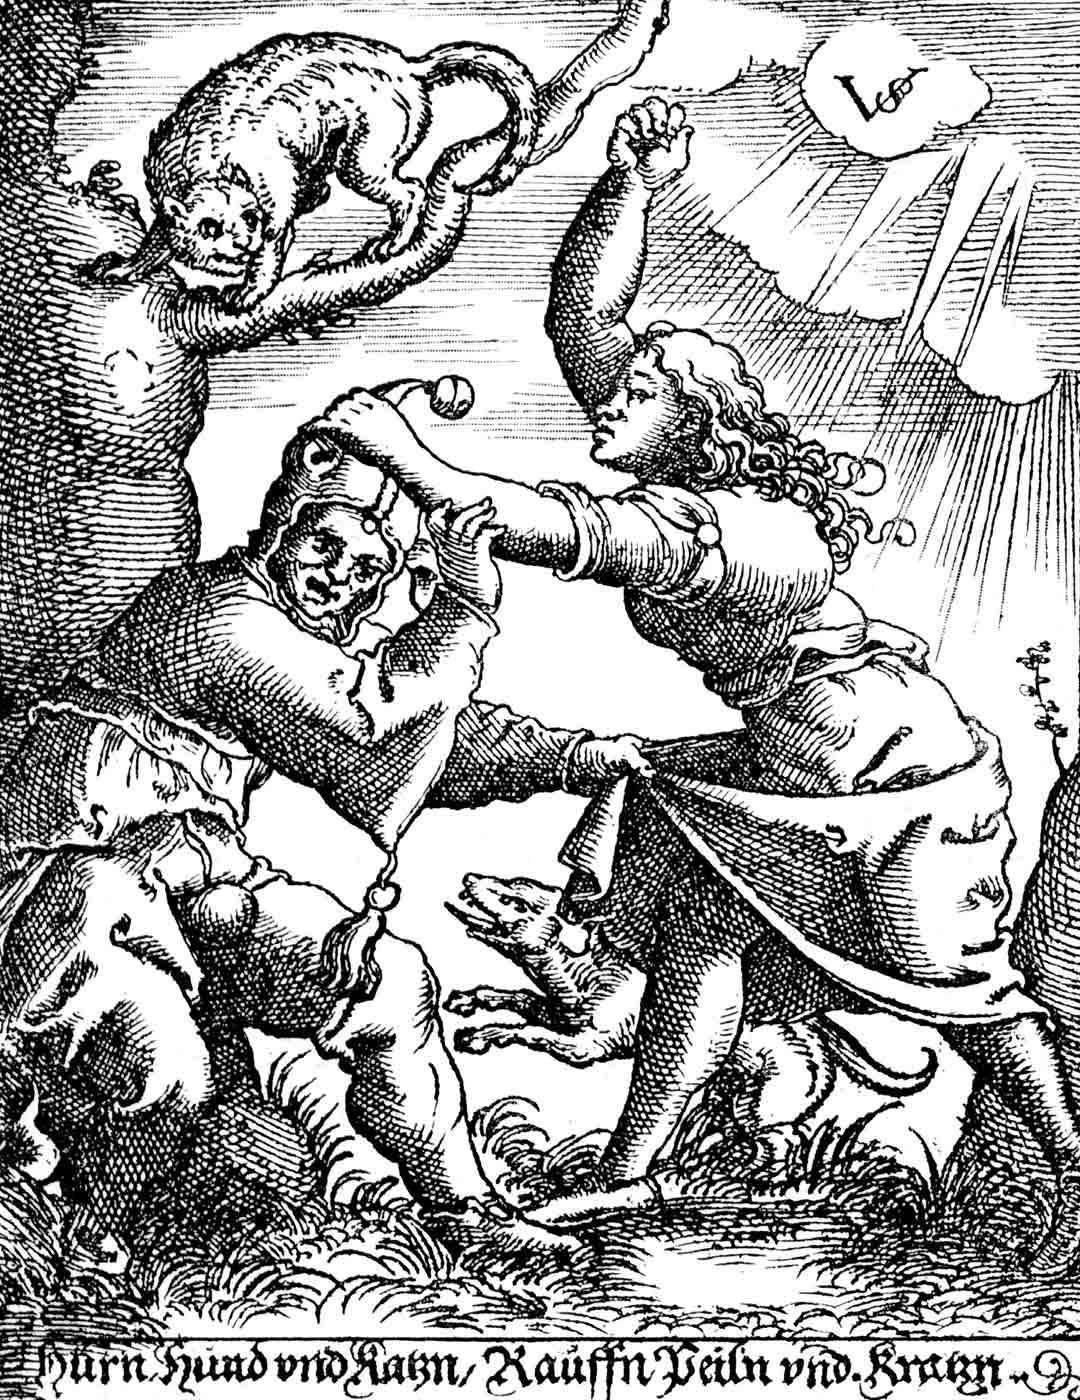 Naisen väkivallan kohteeksi joutunutta miestä on pidetty kautta historian naurettavana. 1500-luvun piirroskuva irvailee miehen uhrikokemuksella.